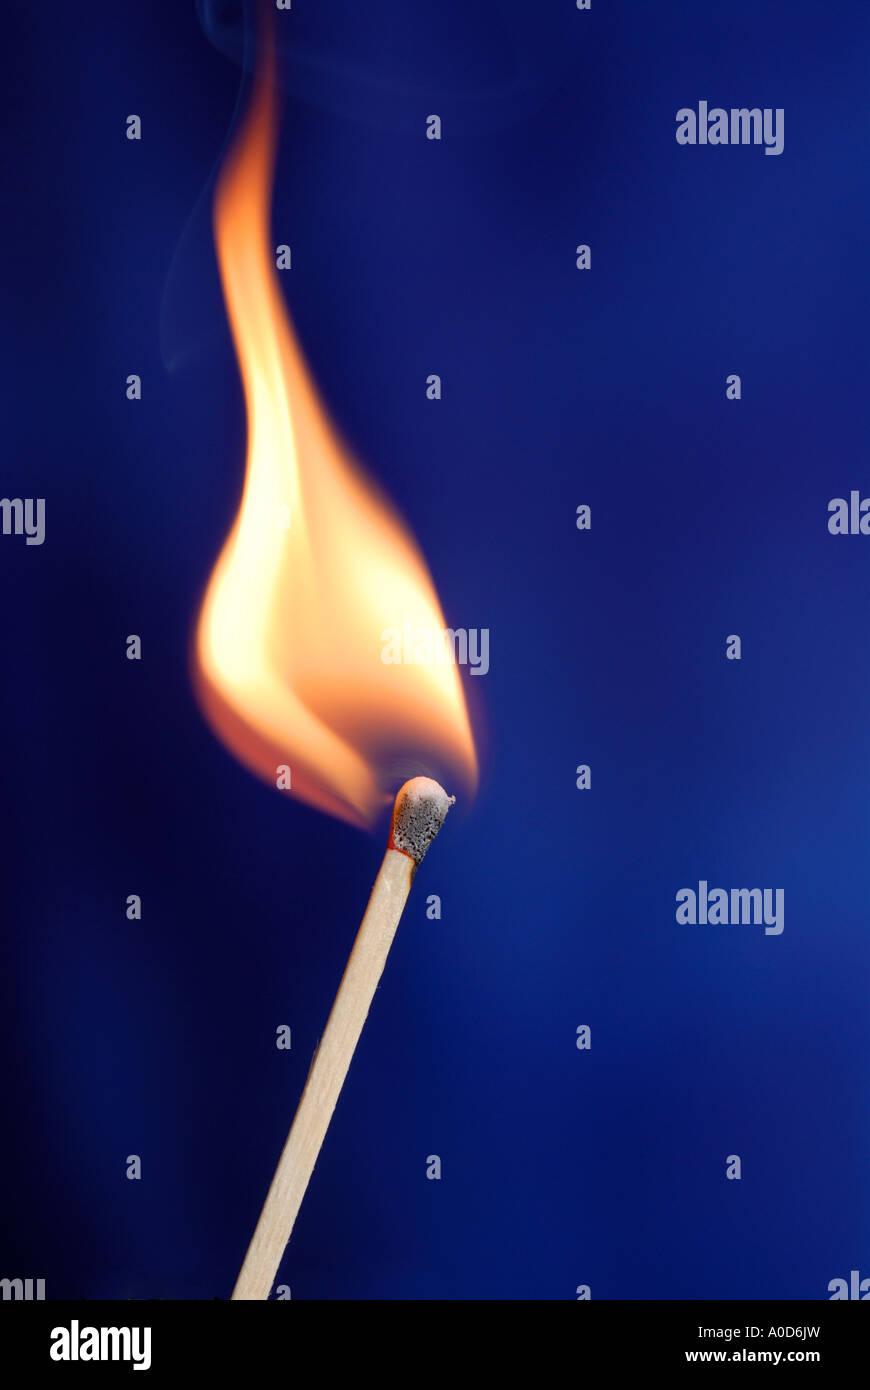 Burning match. - Stock Image